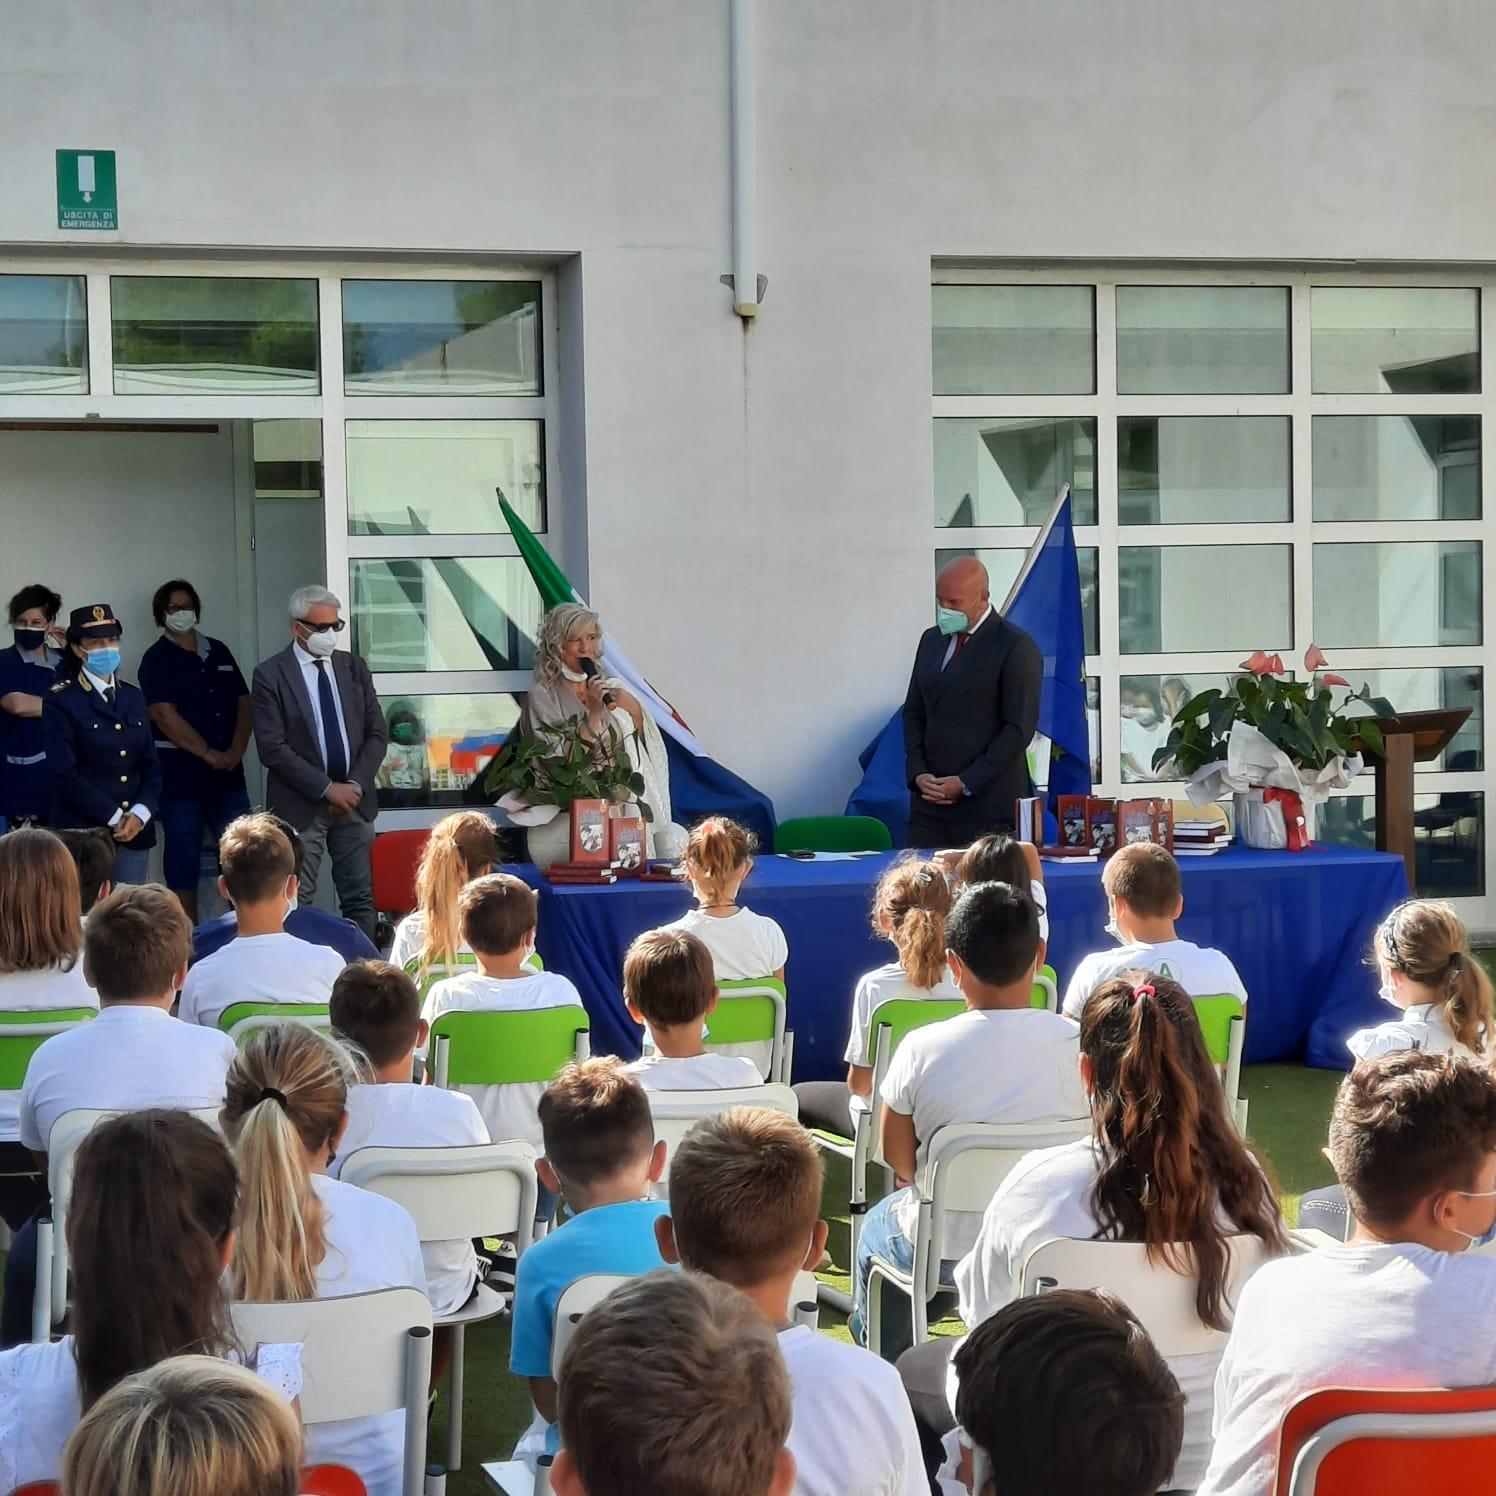 Polizia di Stato – Campagna di diffusione diari scolastici 2020-21